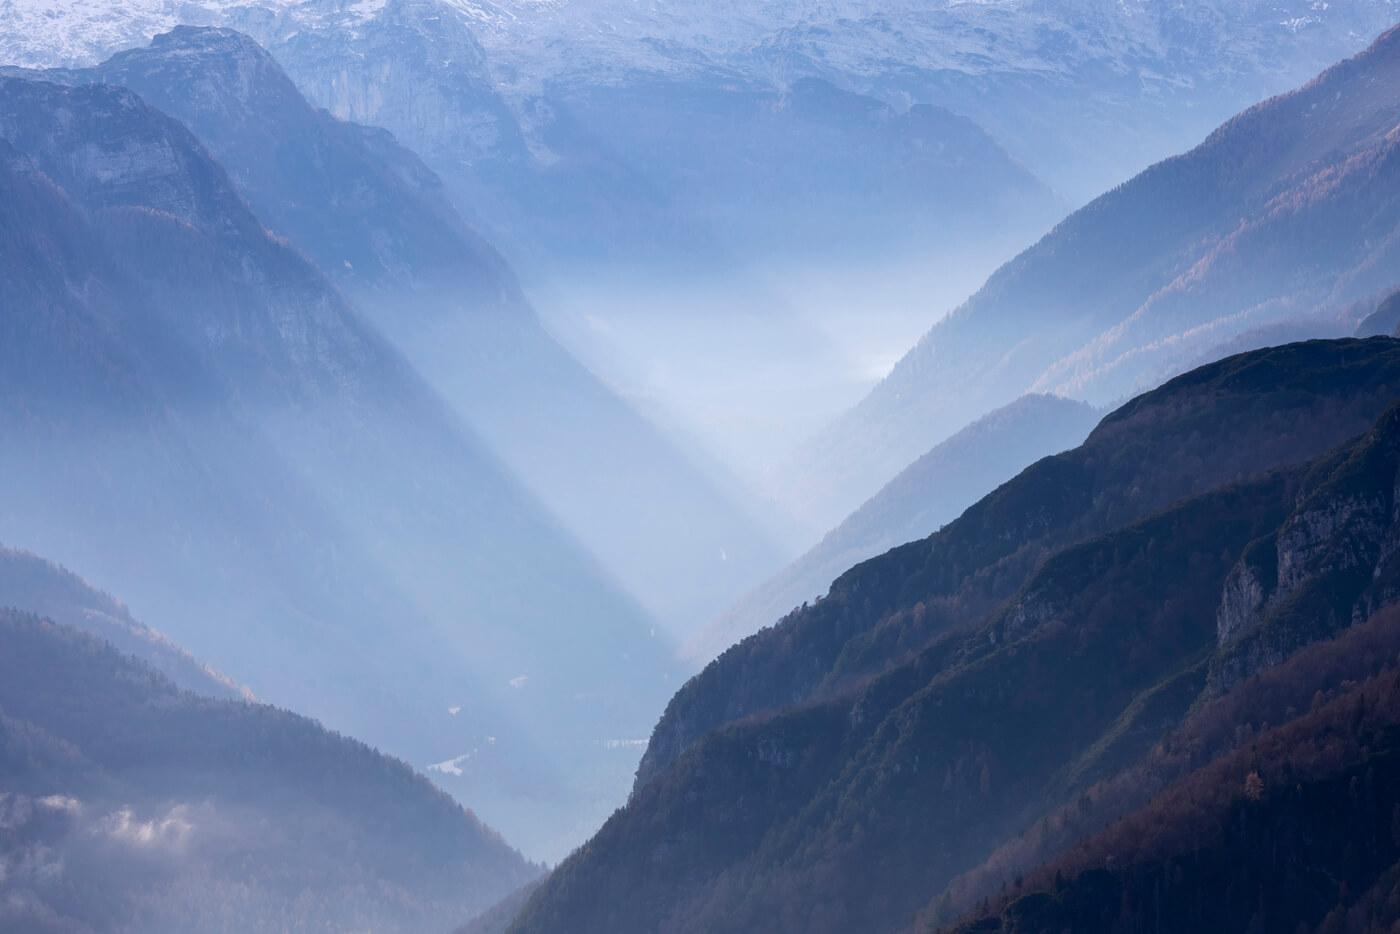 Blue Hour, Mangart Pass, Slovenia